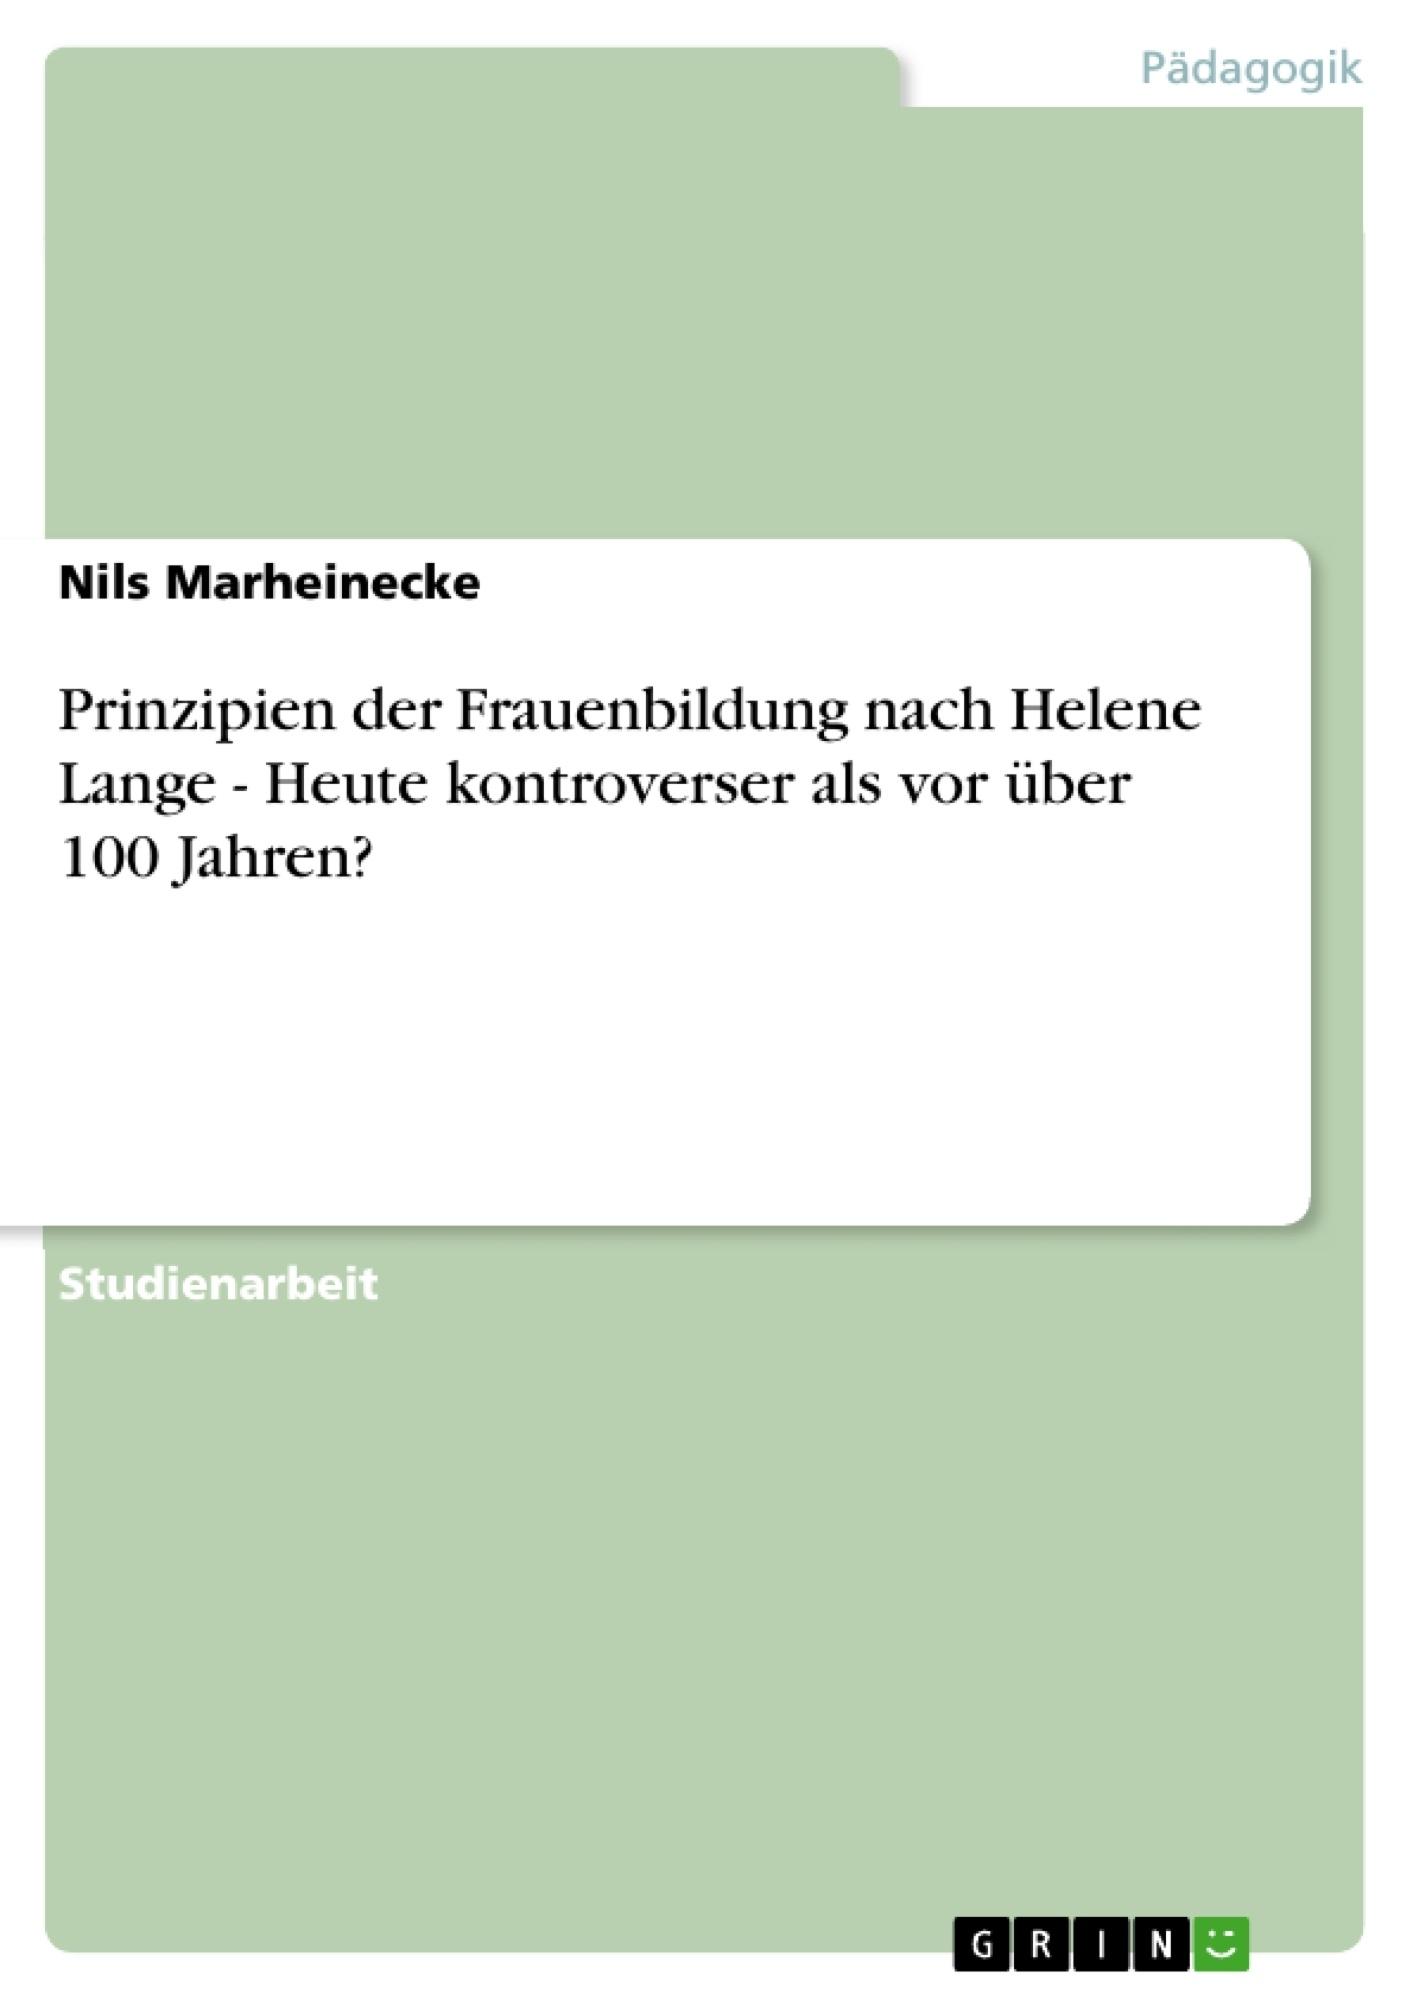 Titel: Prinzipien der Frauenbildung nach Helene Lange - Heute kontroverser als vor über 100 Jahren?